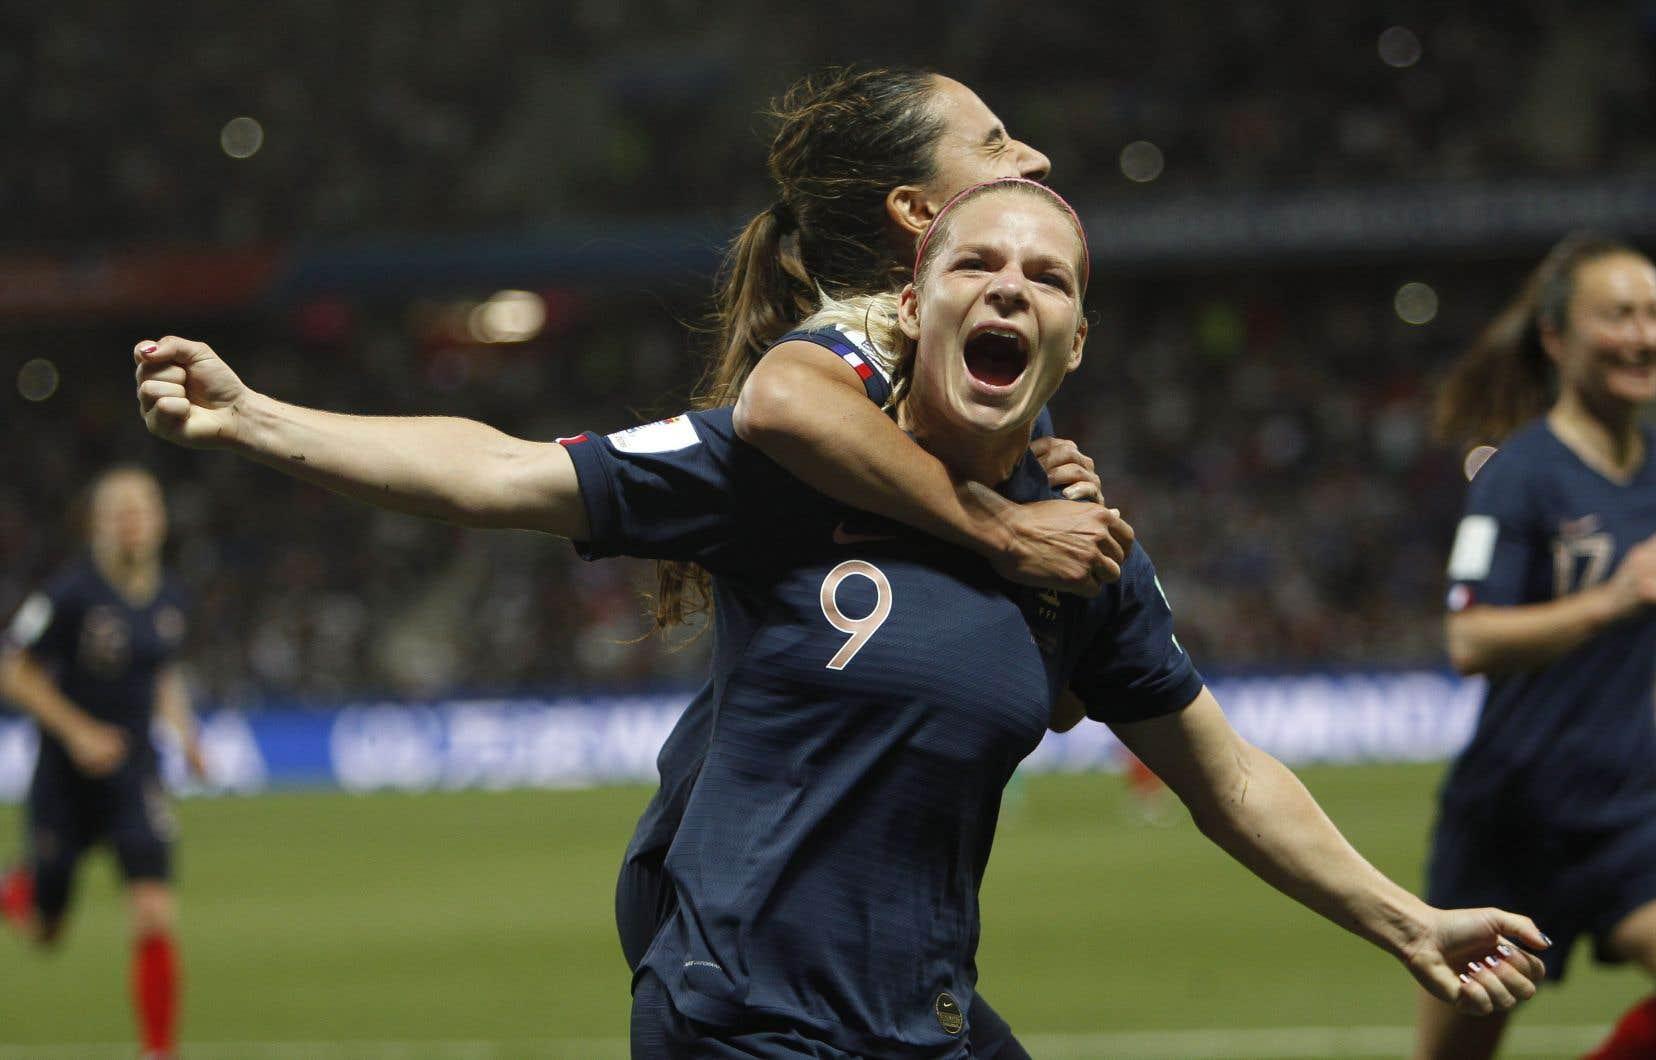 La Française Eugénie Le Sommer a marqué le but vainqueur sur un coup de pied de réparation pendant la 72eminute.